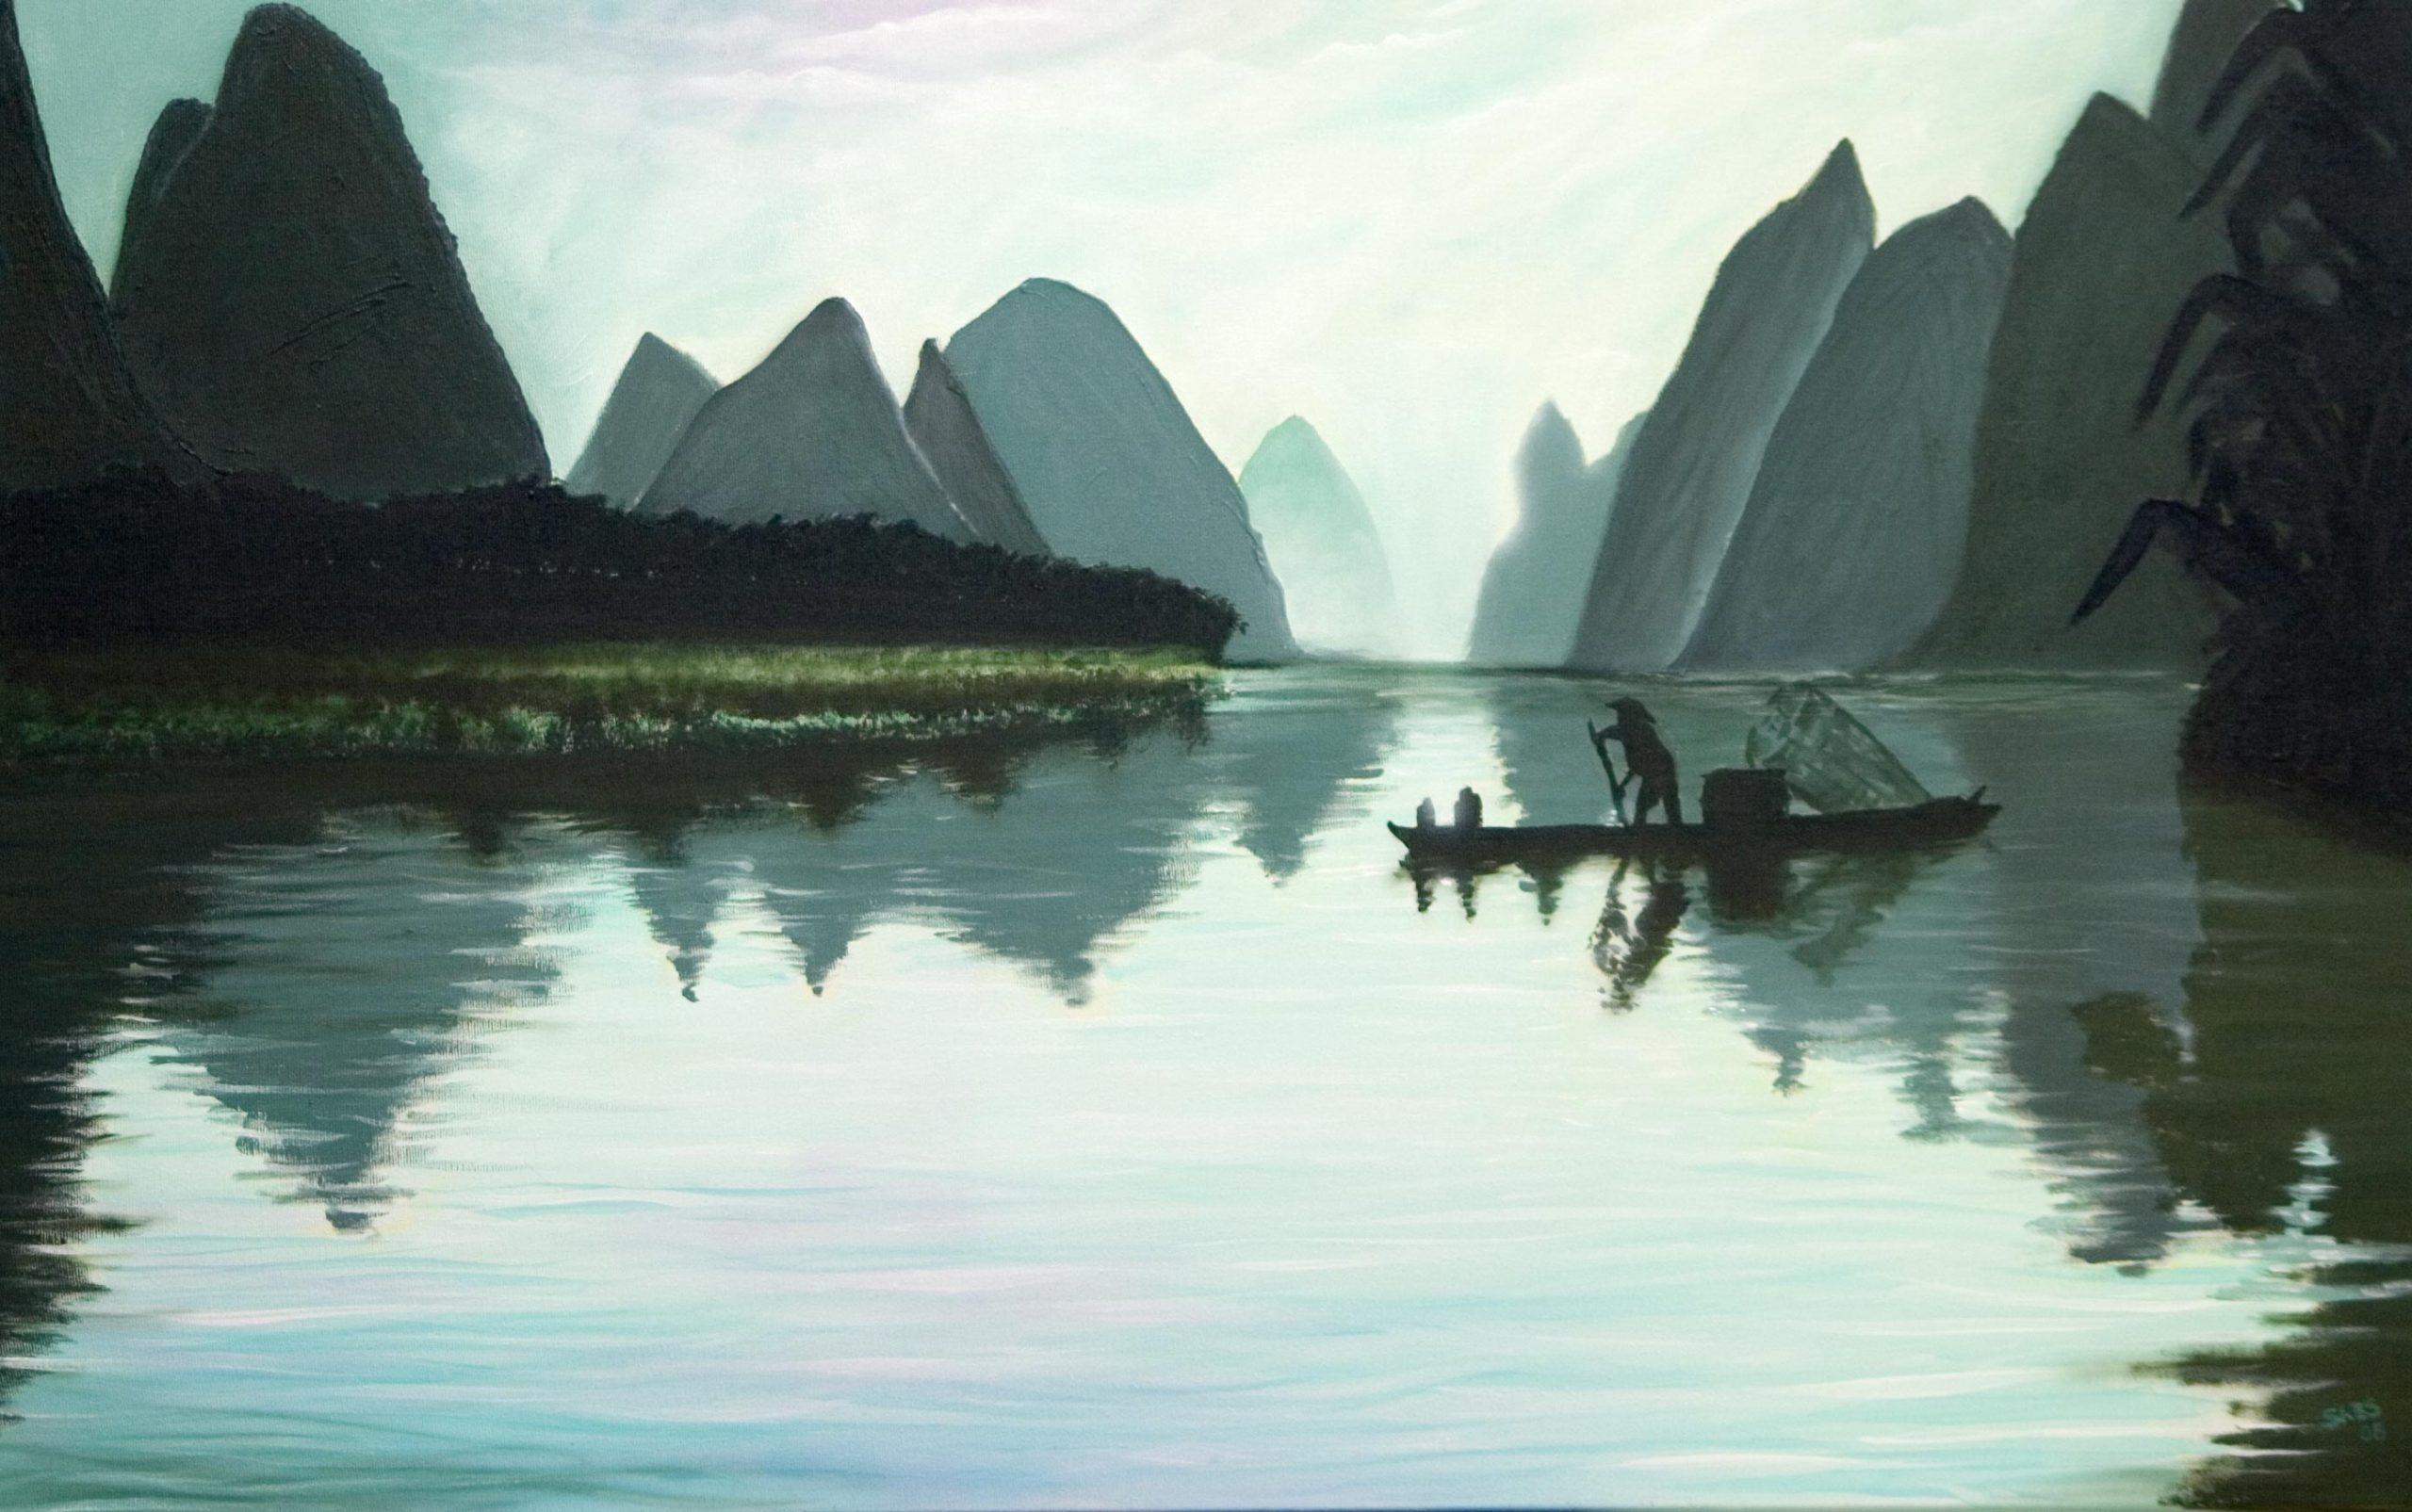 Ảnh vịnh Hạ Long đẹp nhất